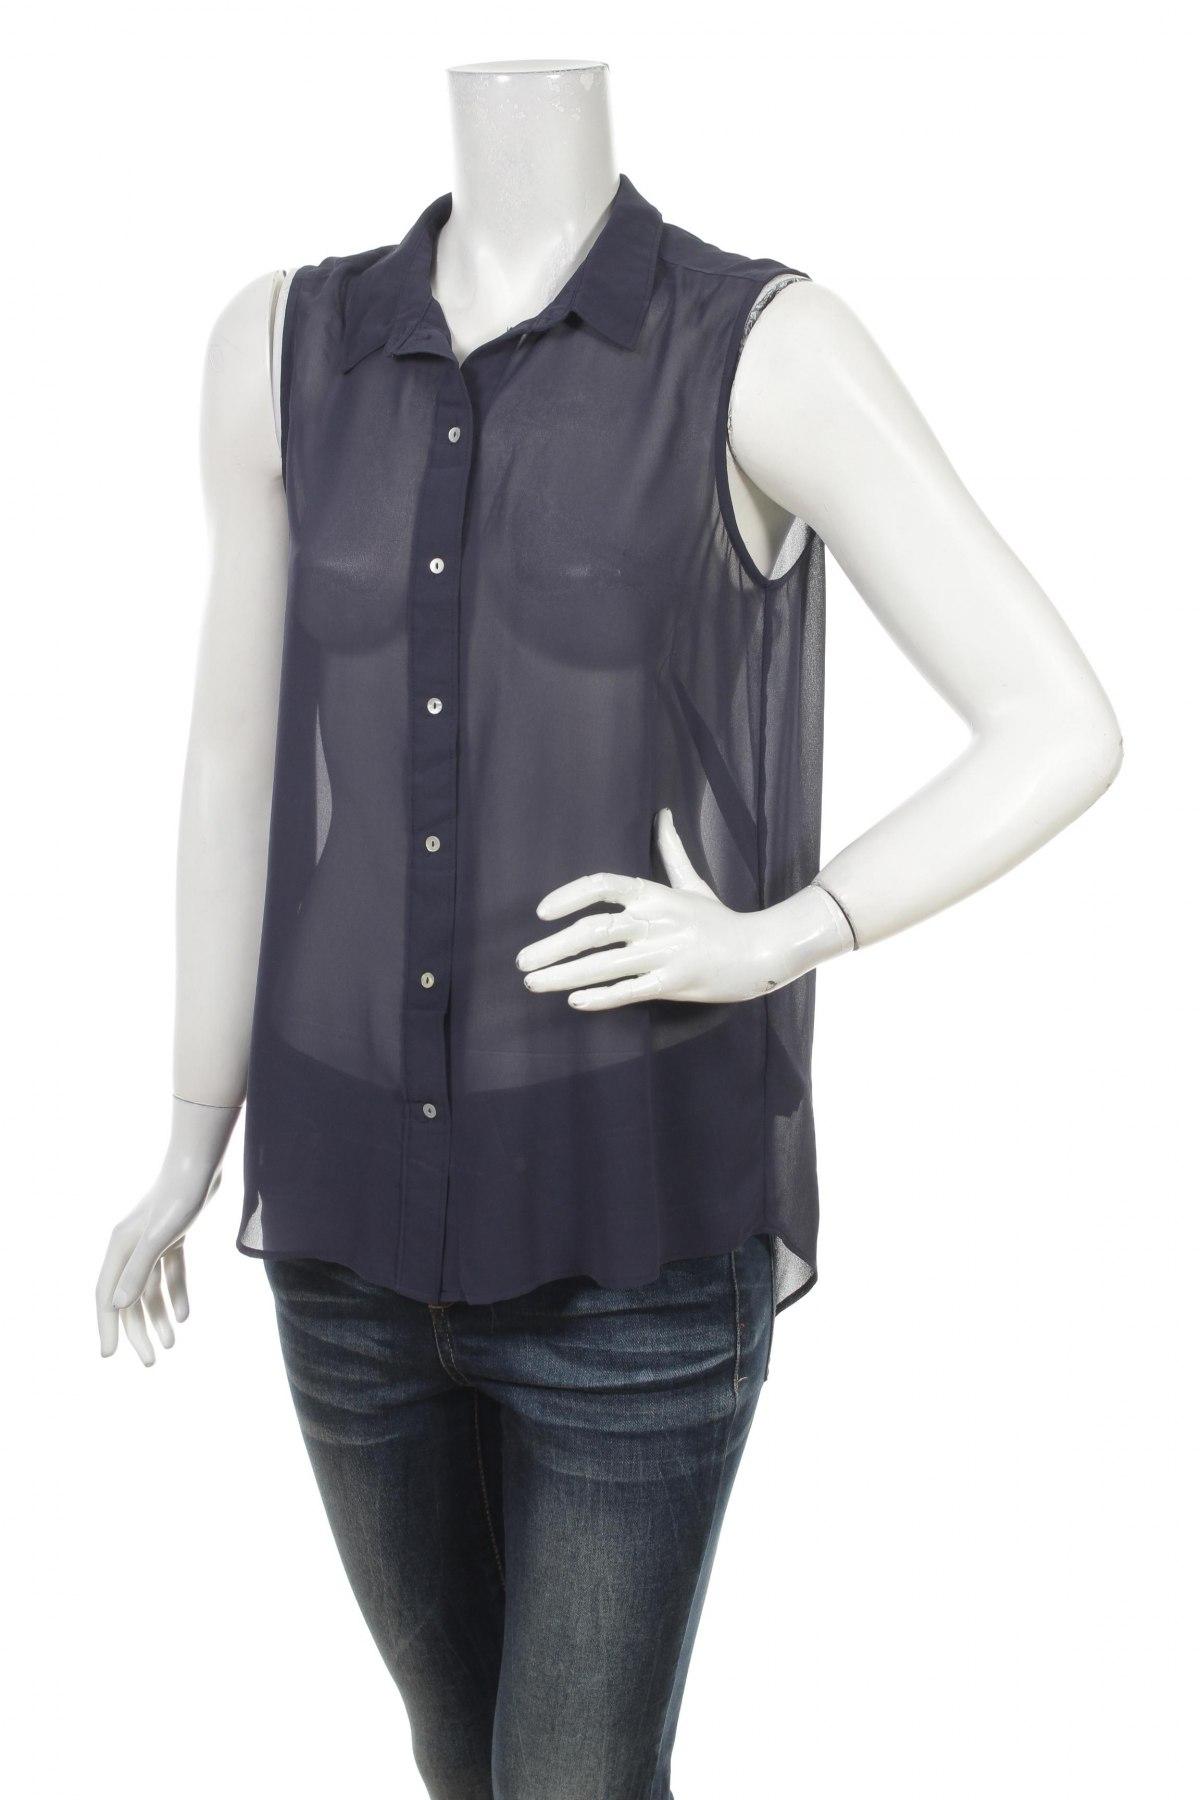 Γυναικείο πουκάμισο H&M, Μέγεθος M, Χρώμα Μπλέ, 100% πολυεστέρας, Τιμή 9,90€